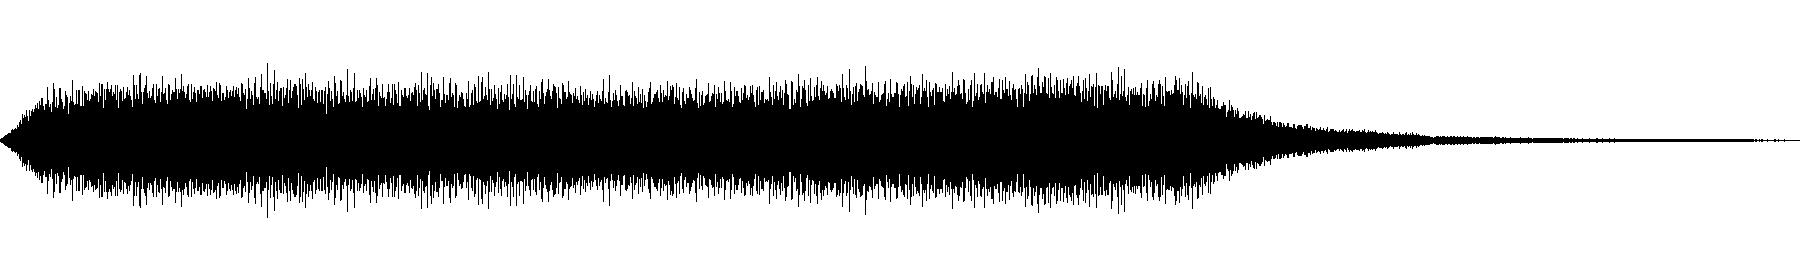 organ g7